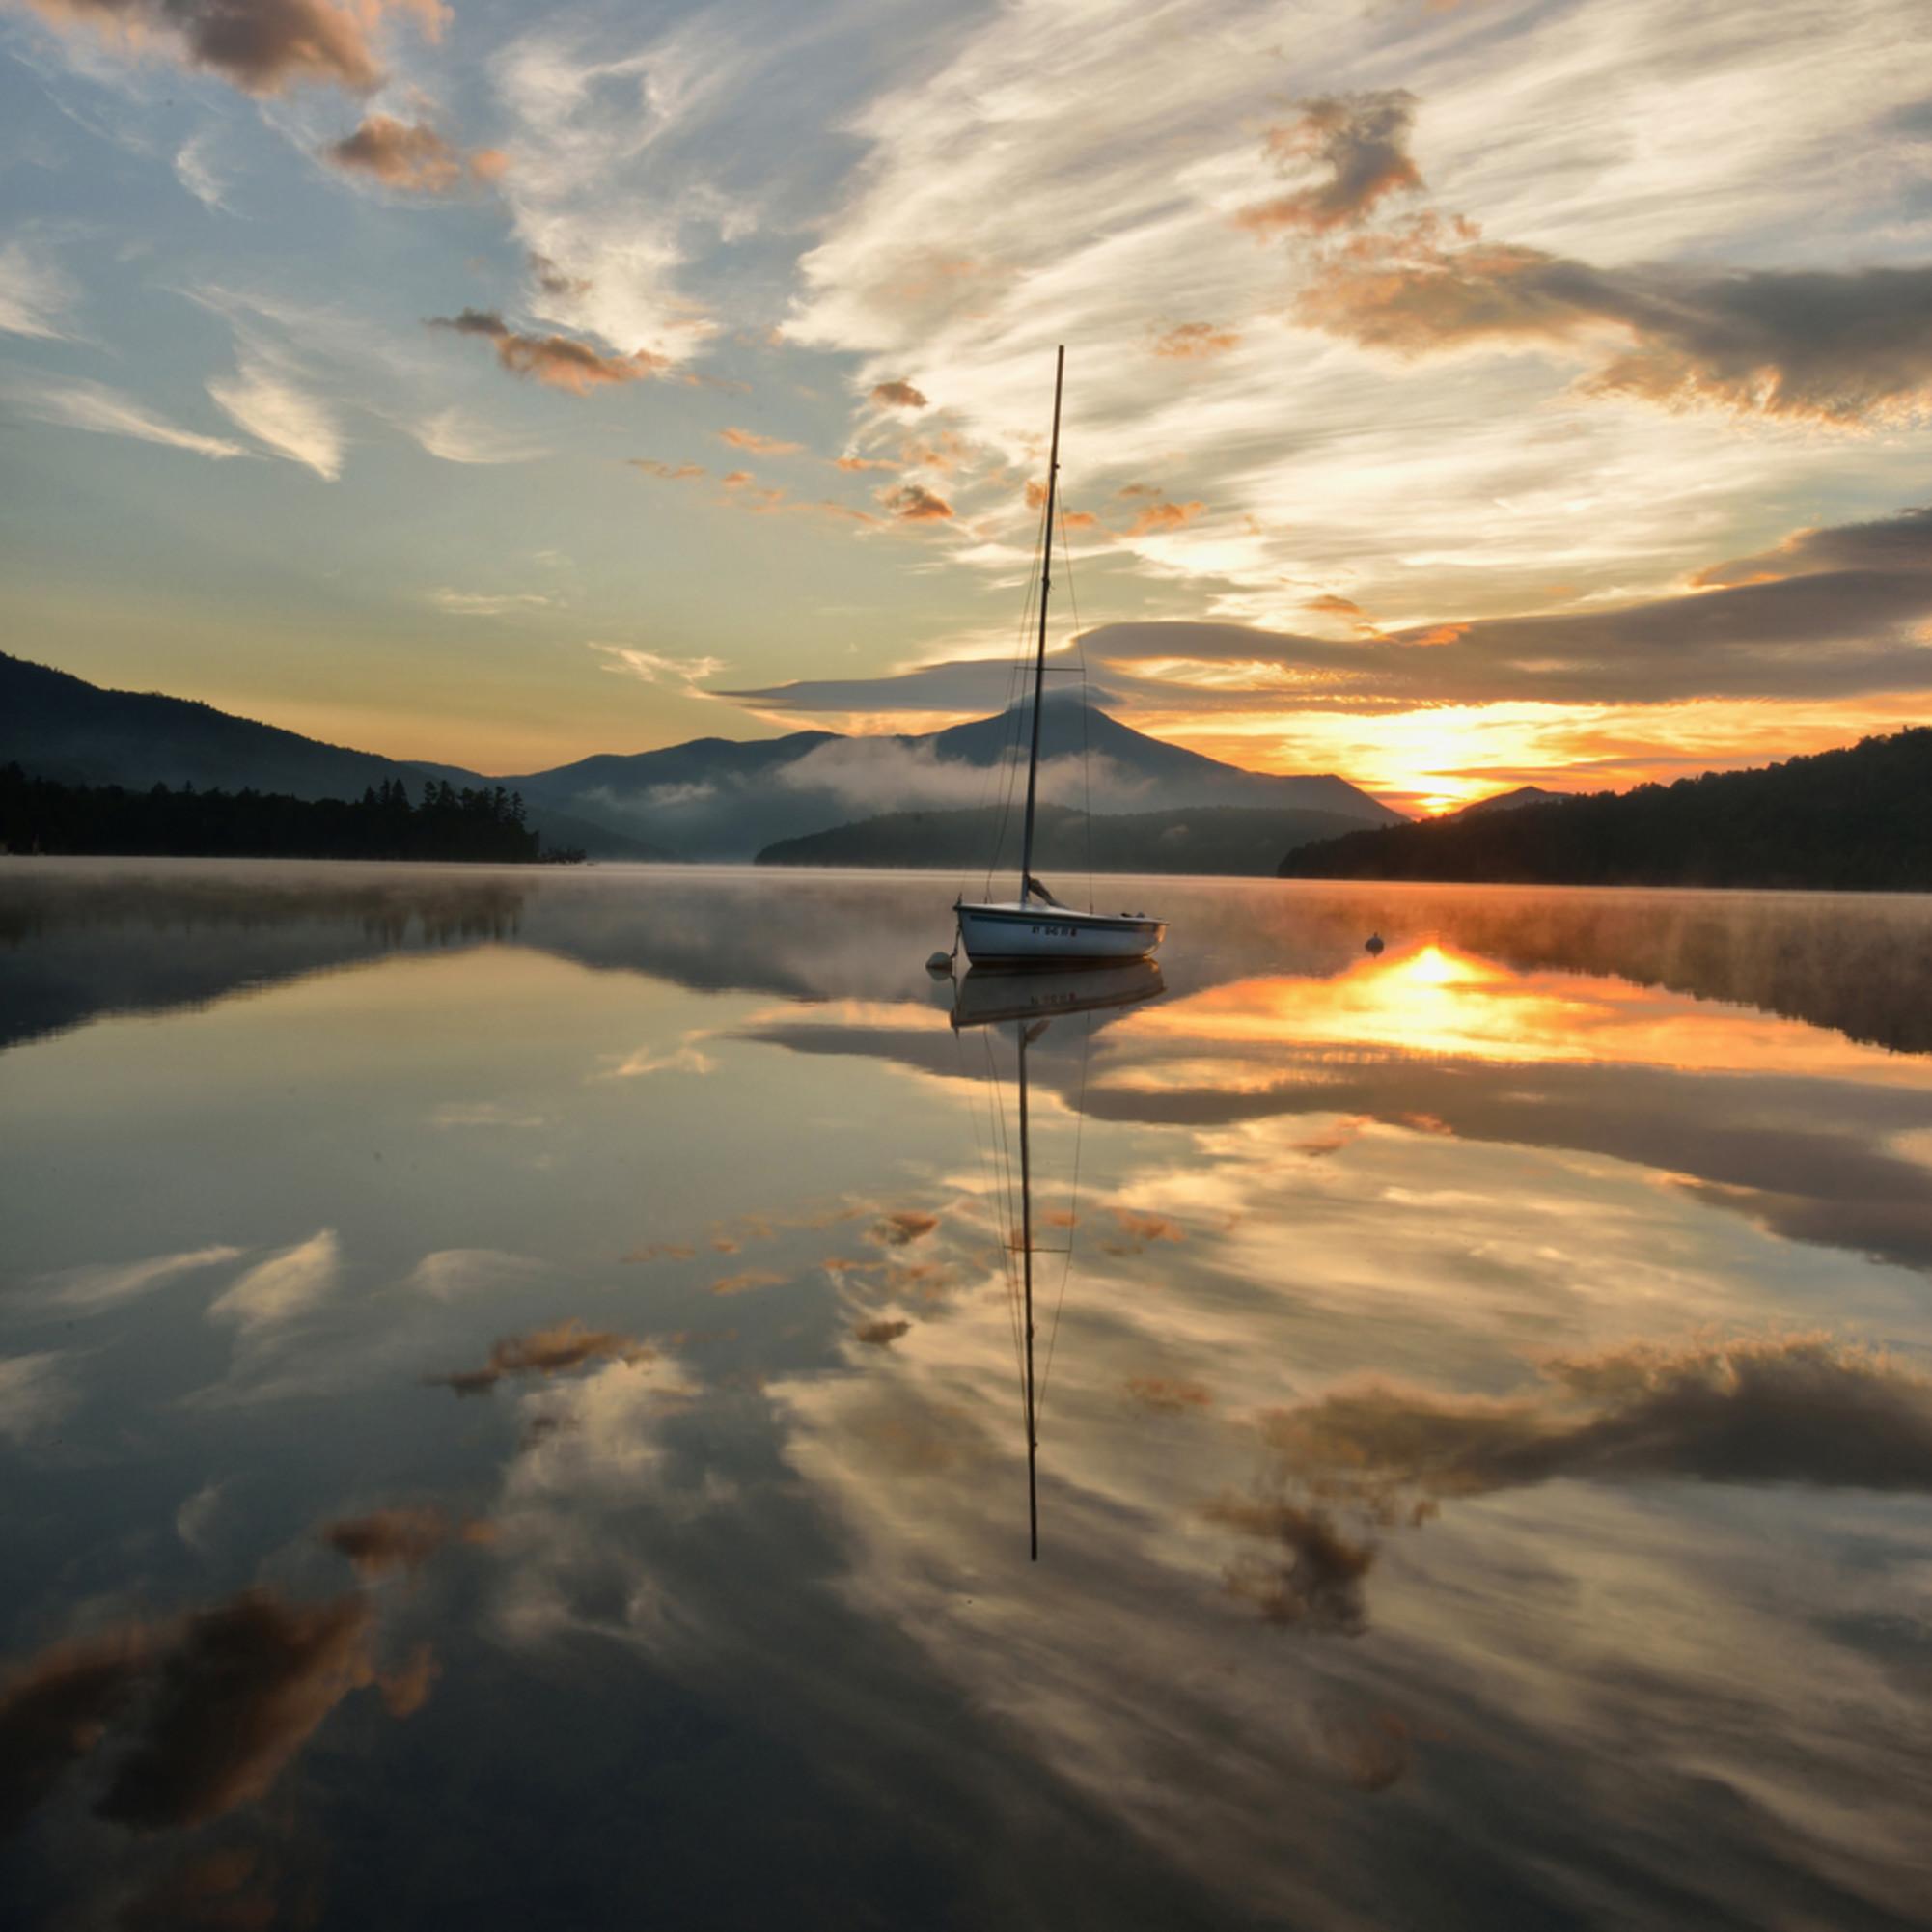 Summer sunrise on lake placid imvl7r